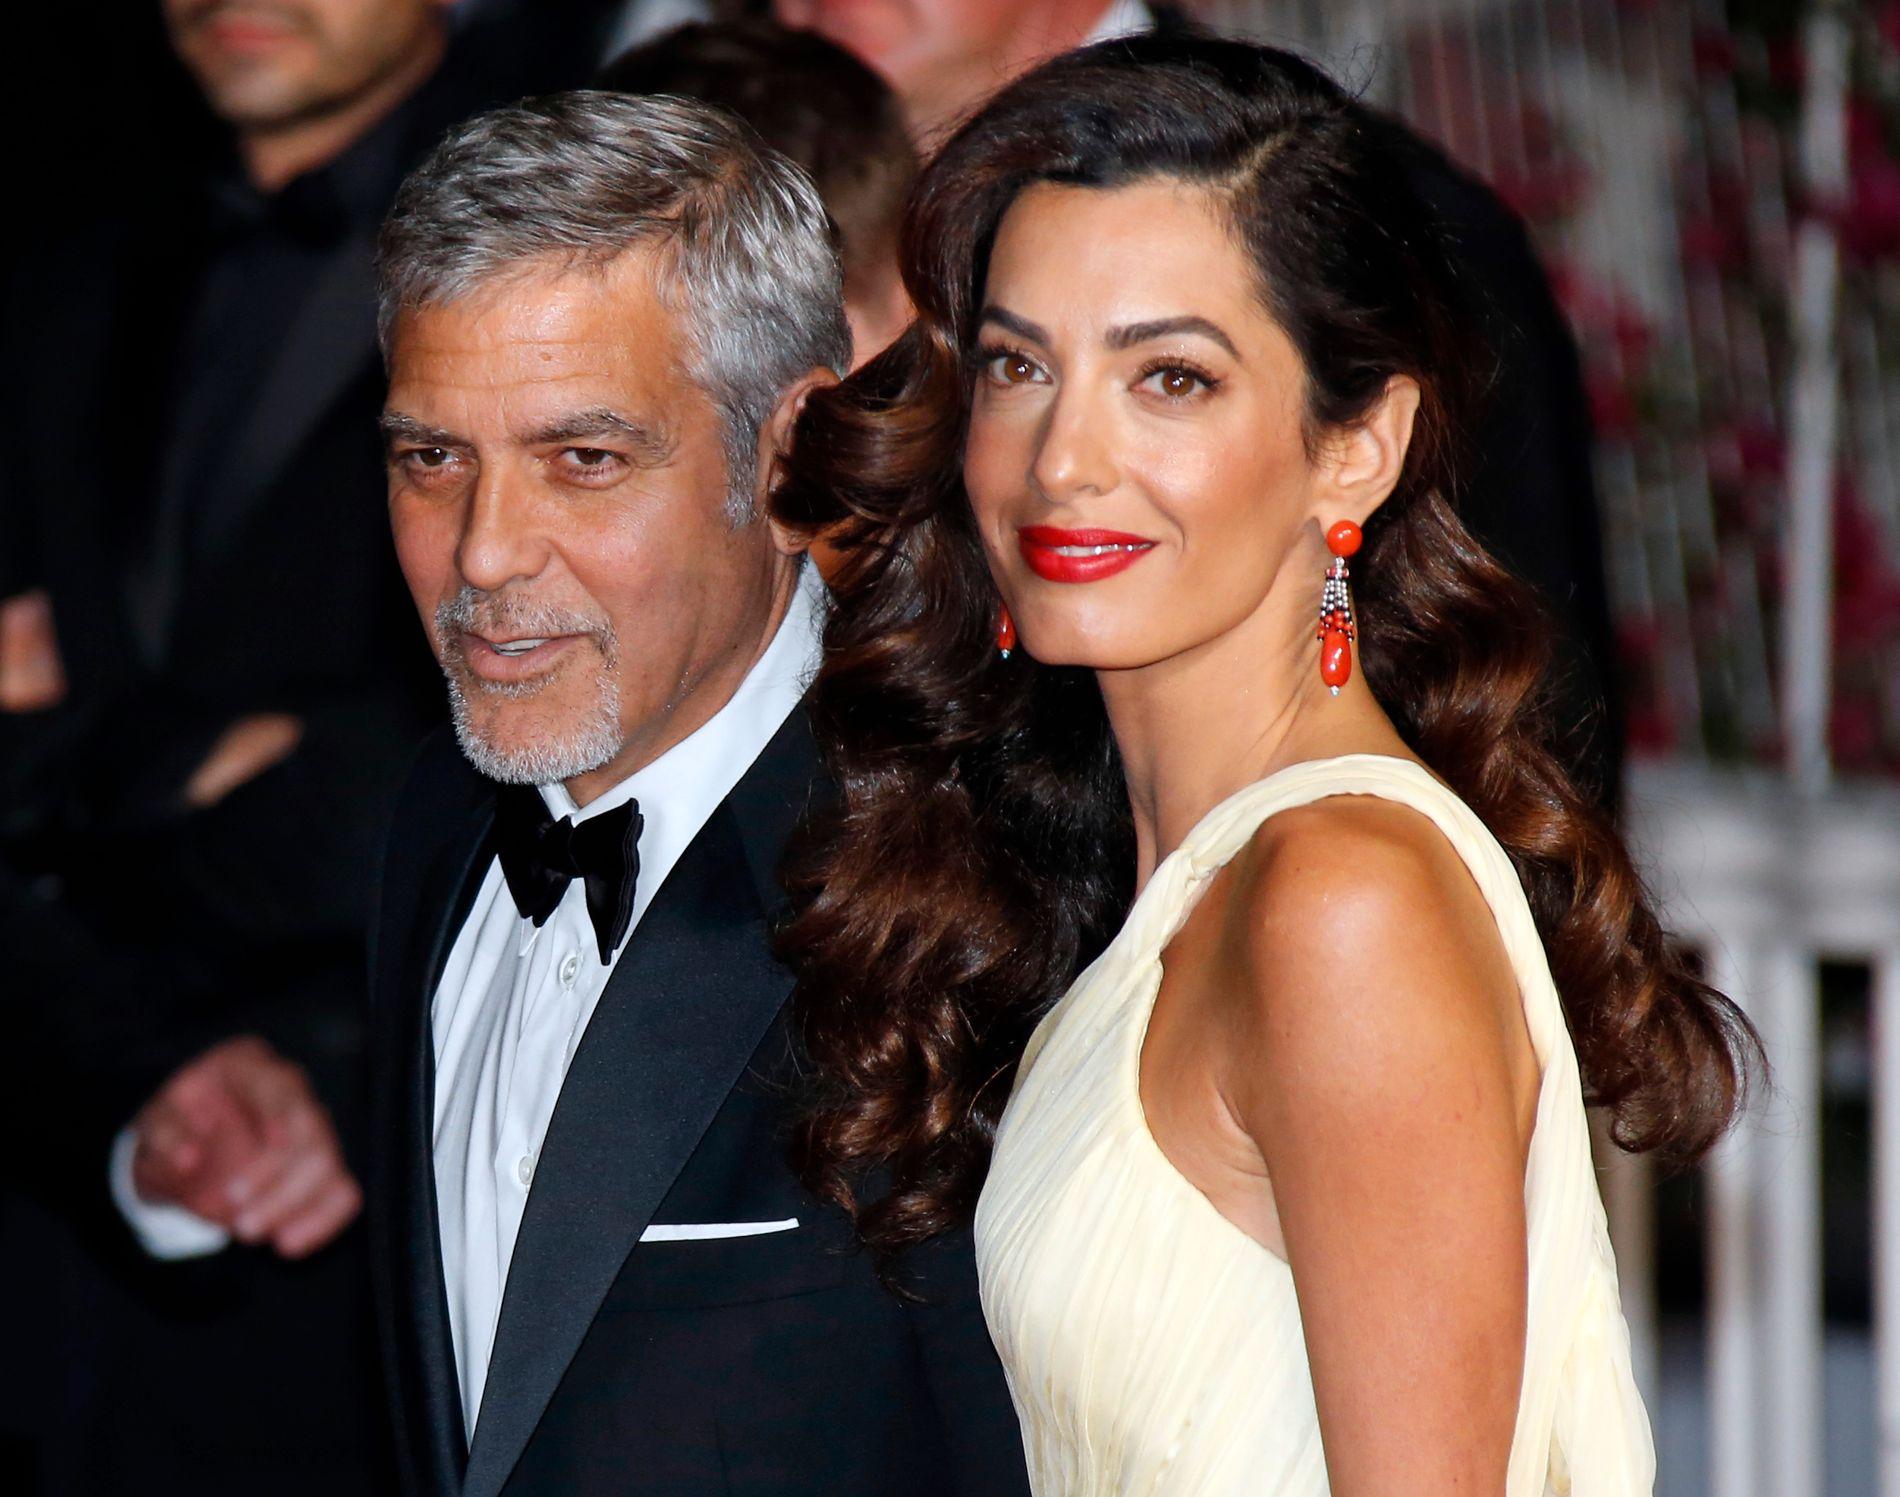 MEKTIG PAR: George og Amal Clooney i Cannes for halvannet år siden.